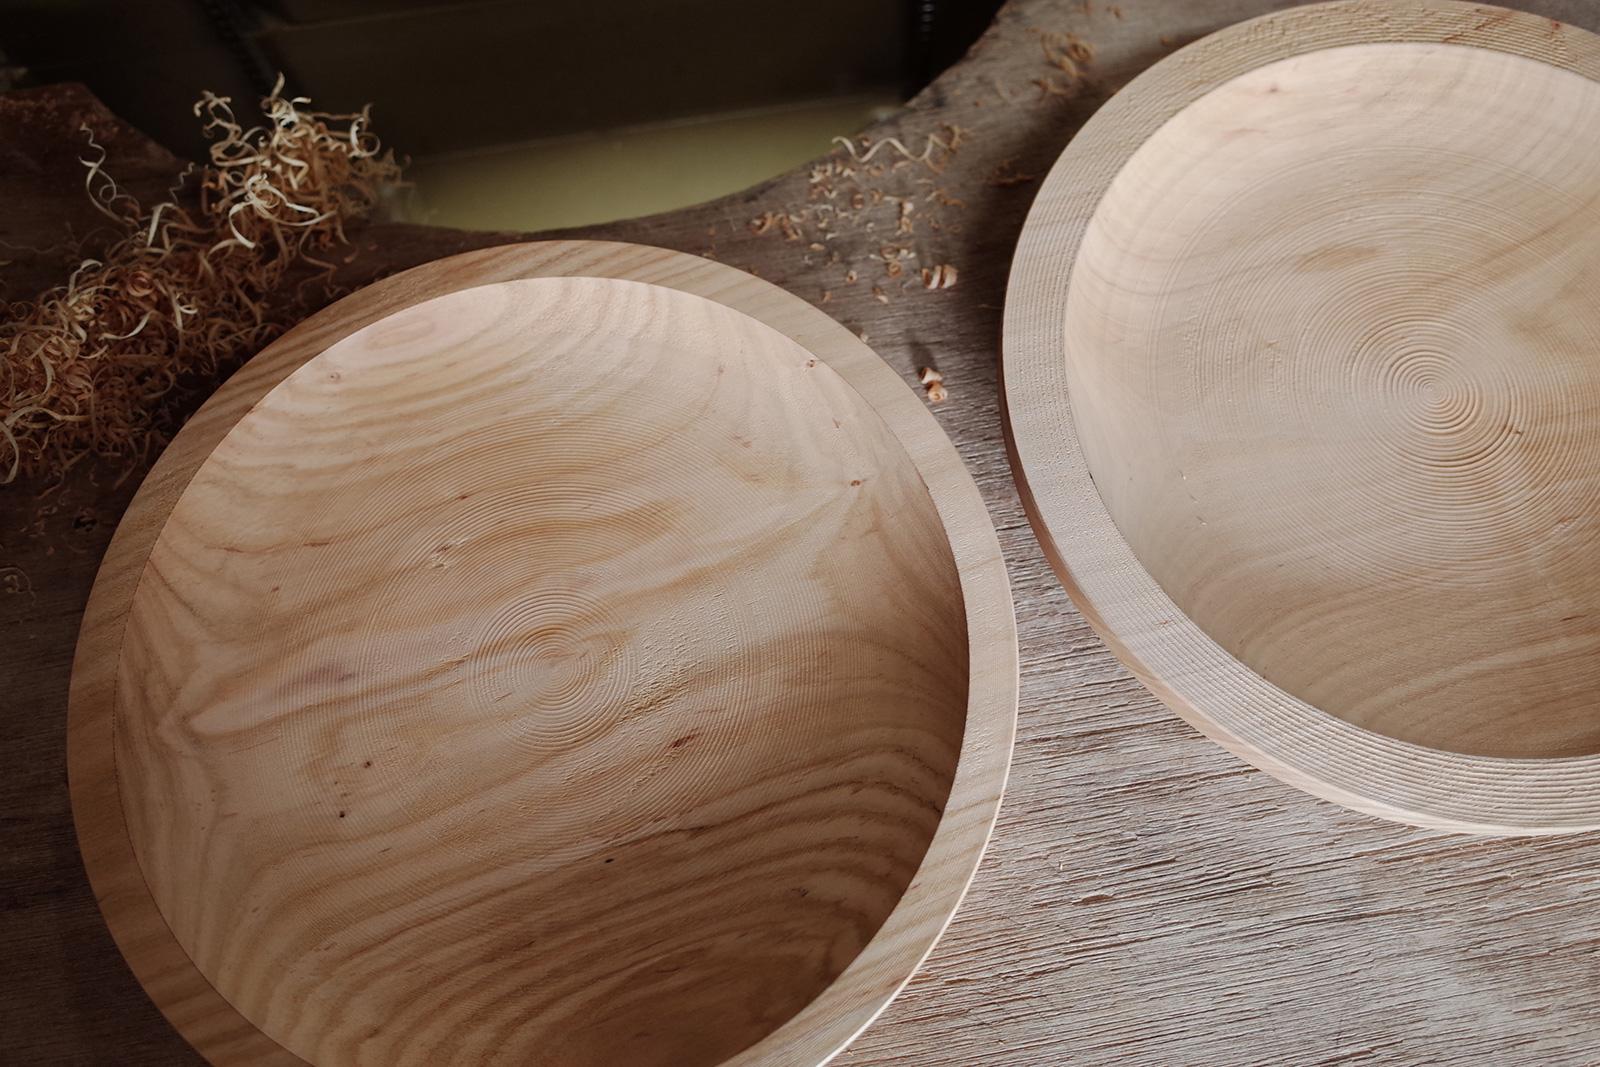 2回目の中削りのビフォーアフター。1回目の中削り後に生じた歪みを取り、仕上げ削りの一歩手前まで成形する。